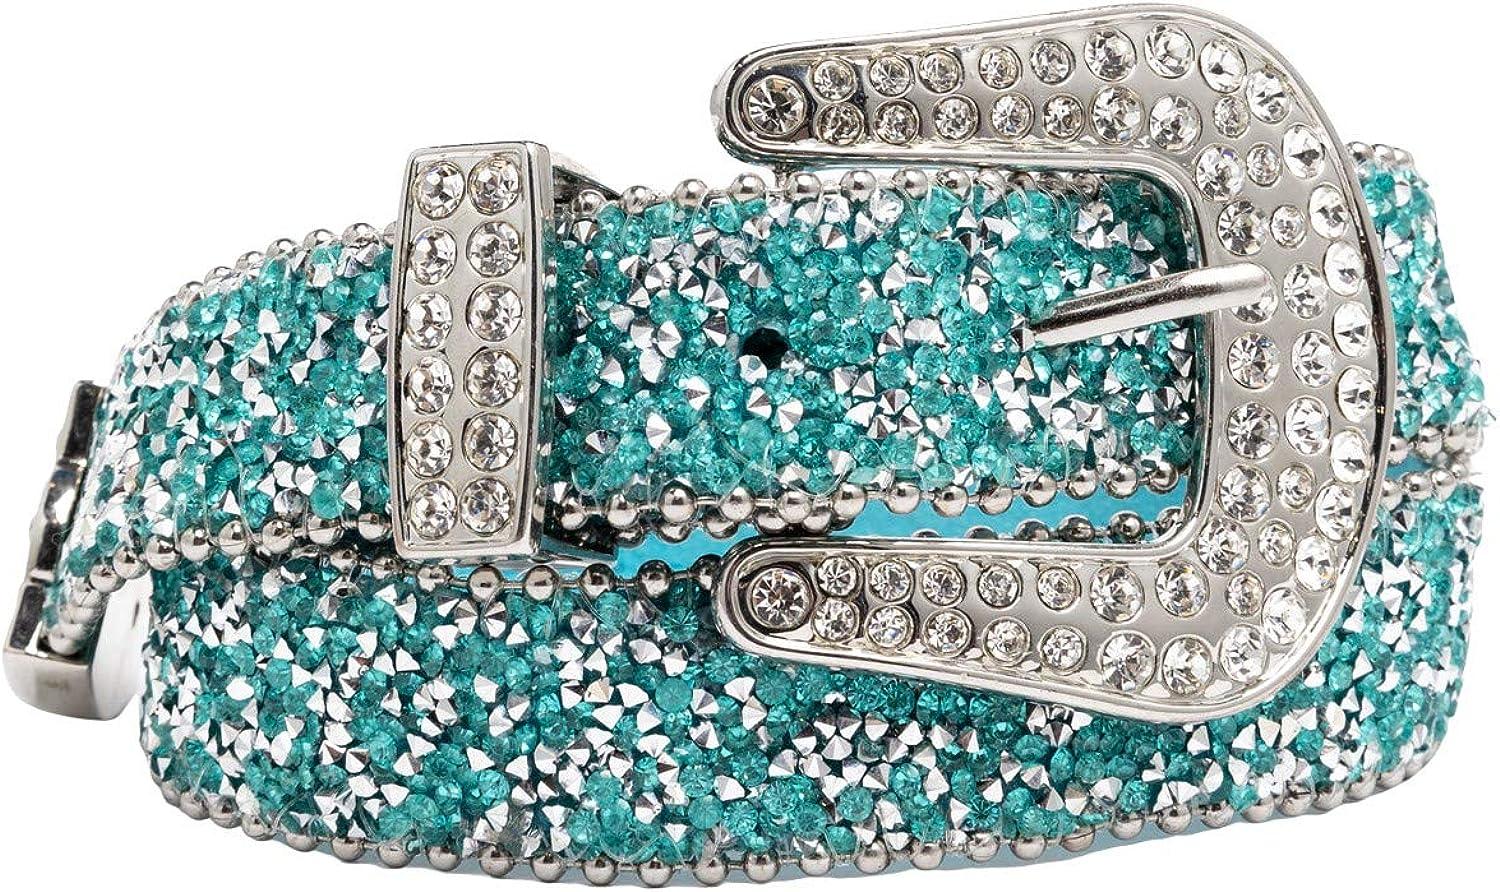 Shyanne Girls' Turquoise Shimmer Glitz Belt - K511-Trq